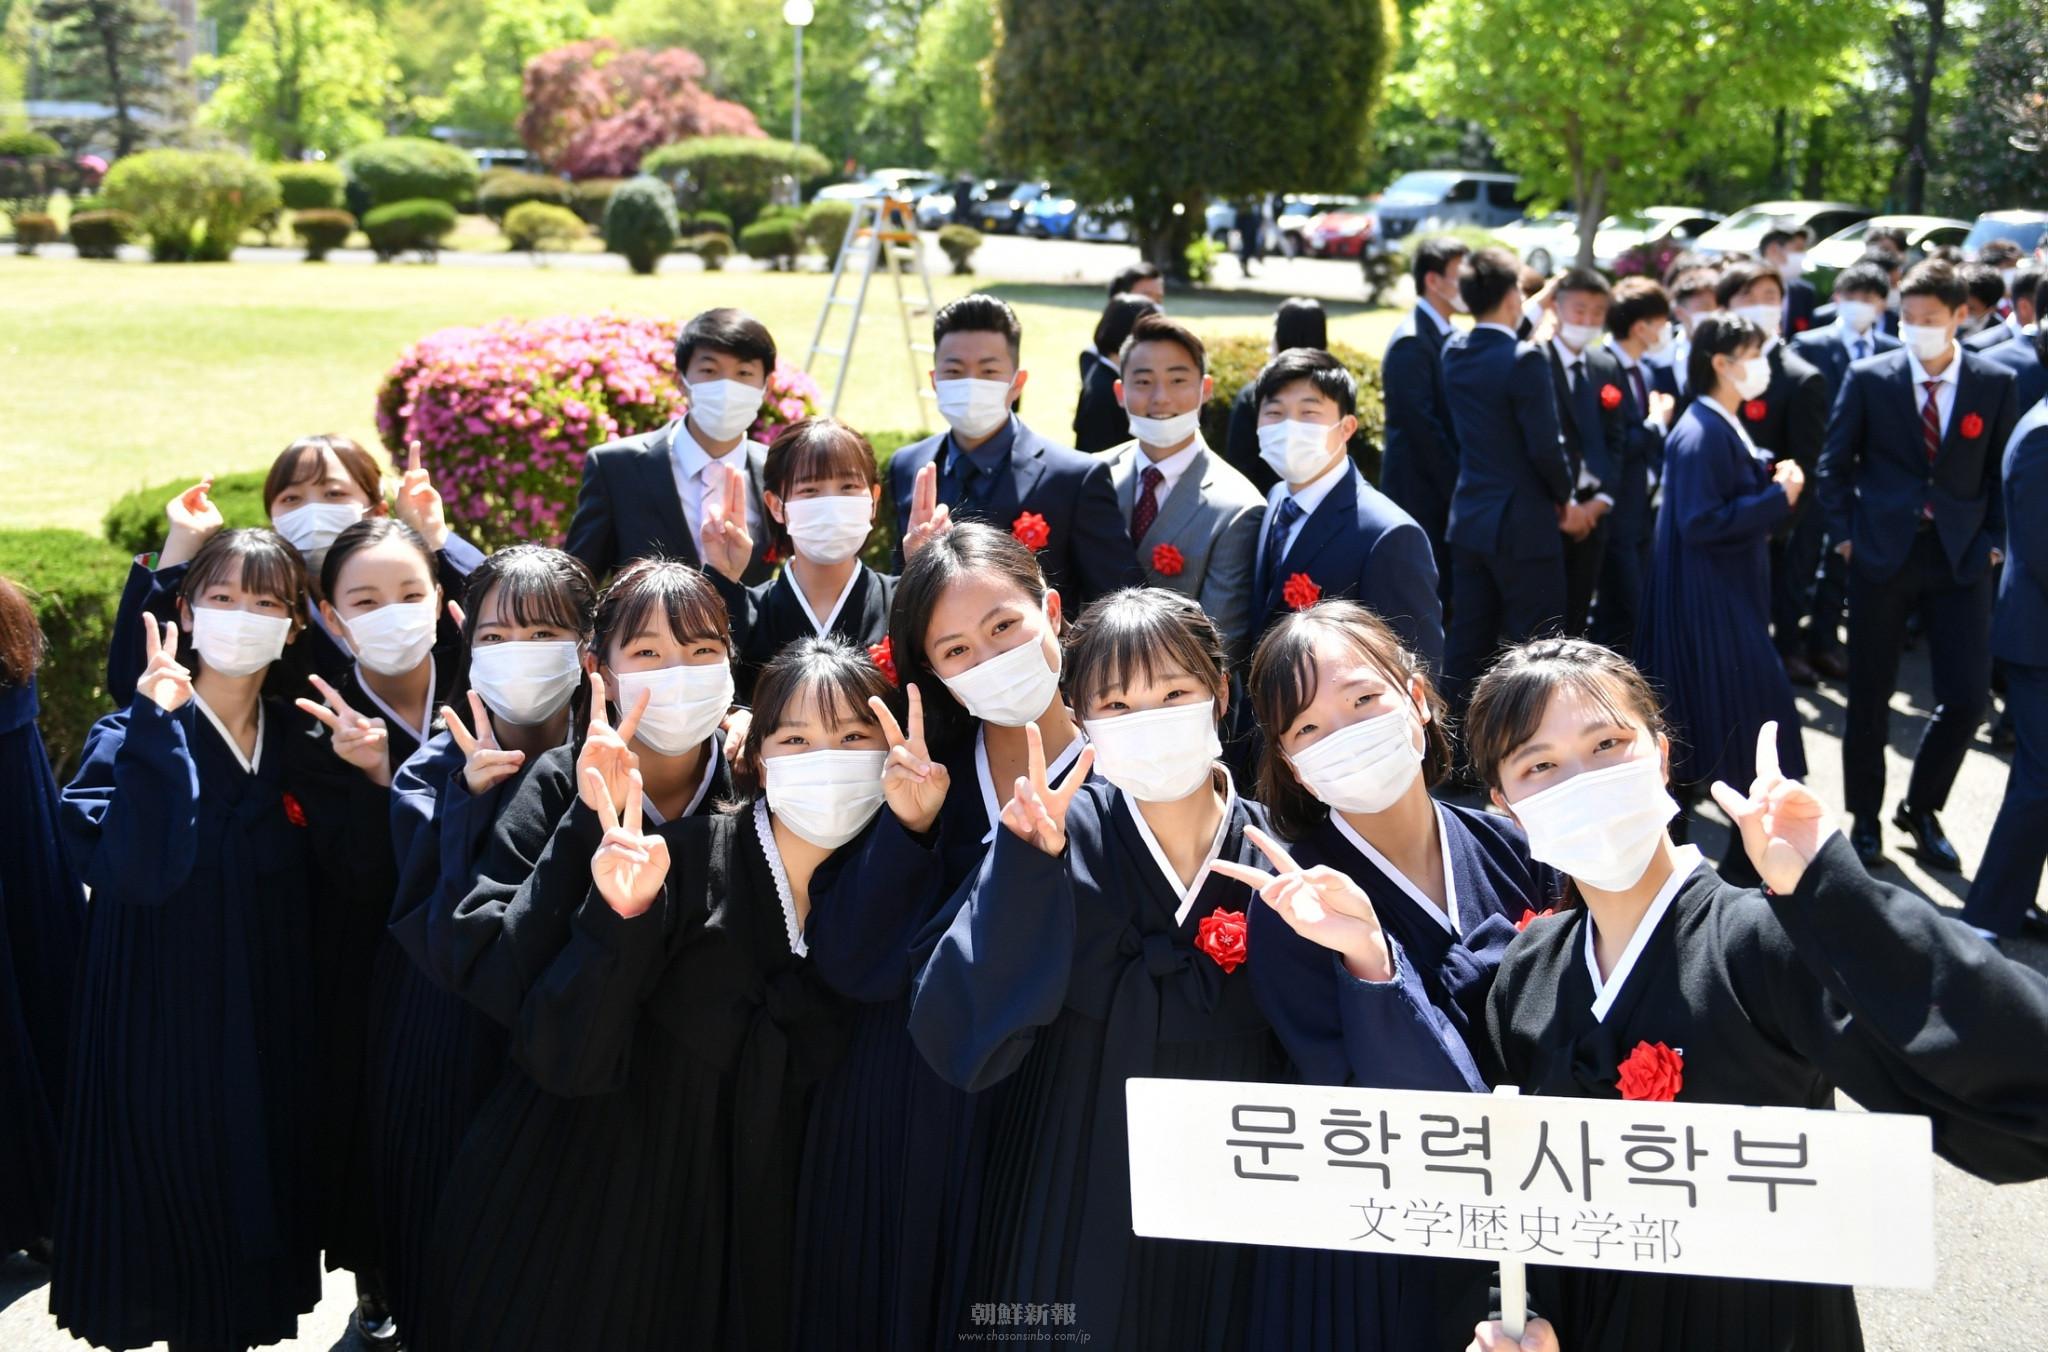 夢と希望を抱き/2021年度朝鮮大学校入学式【1報】